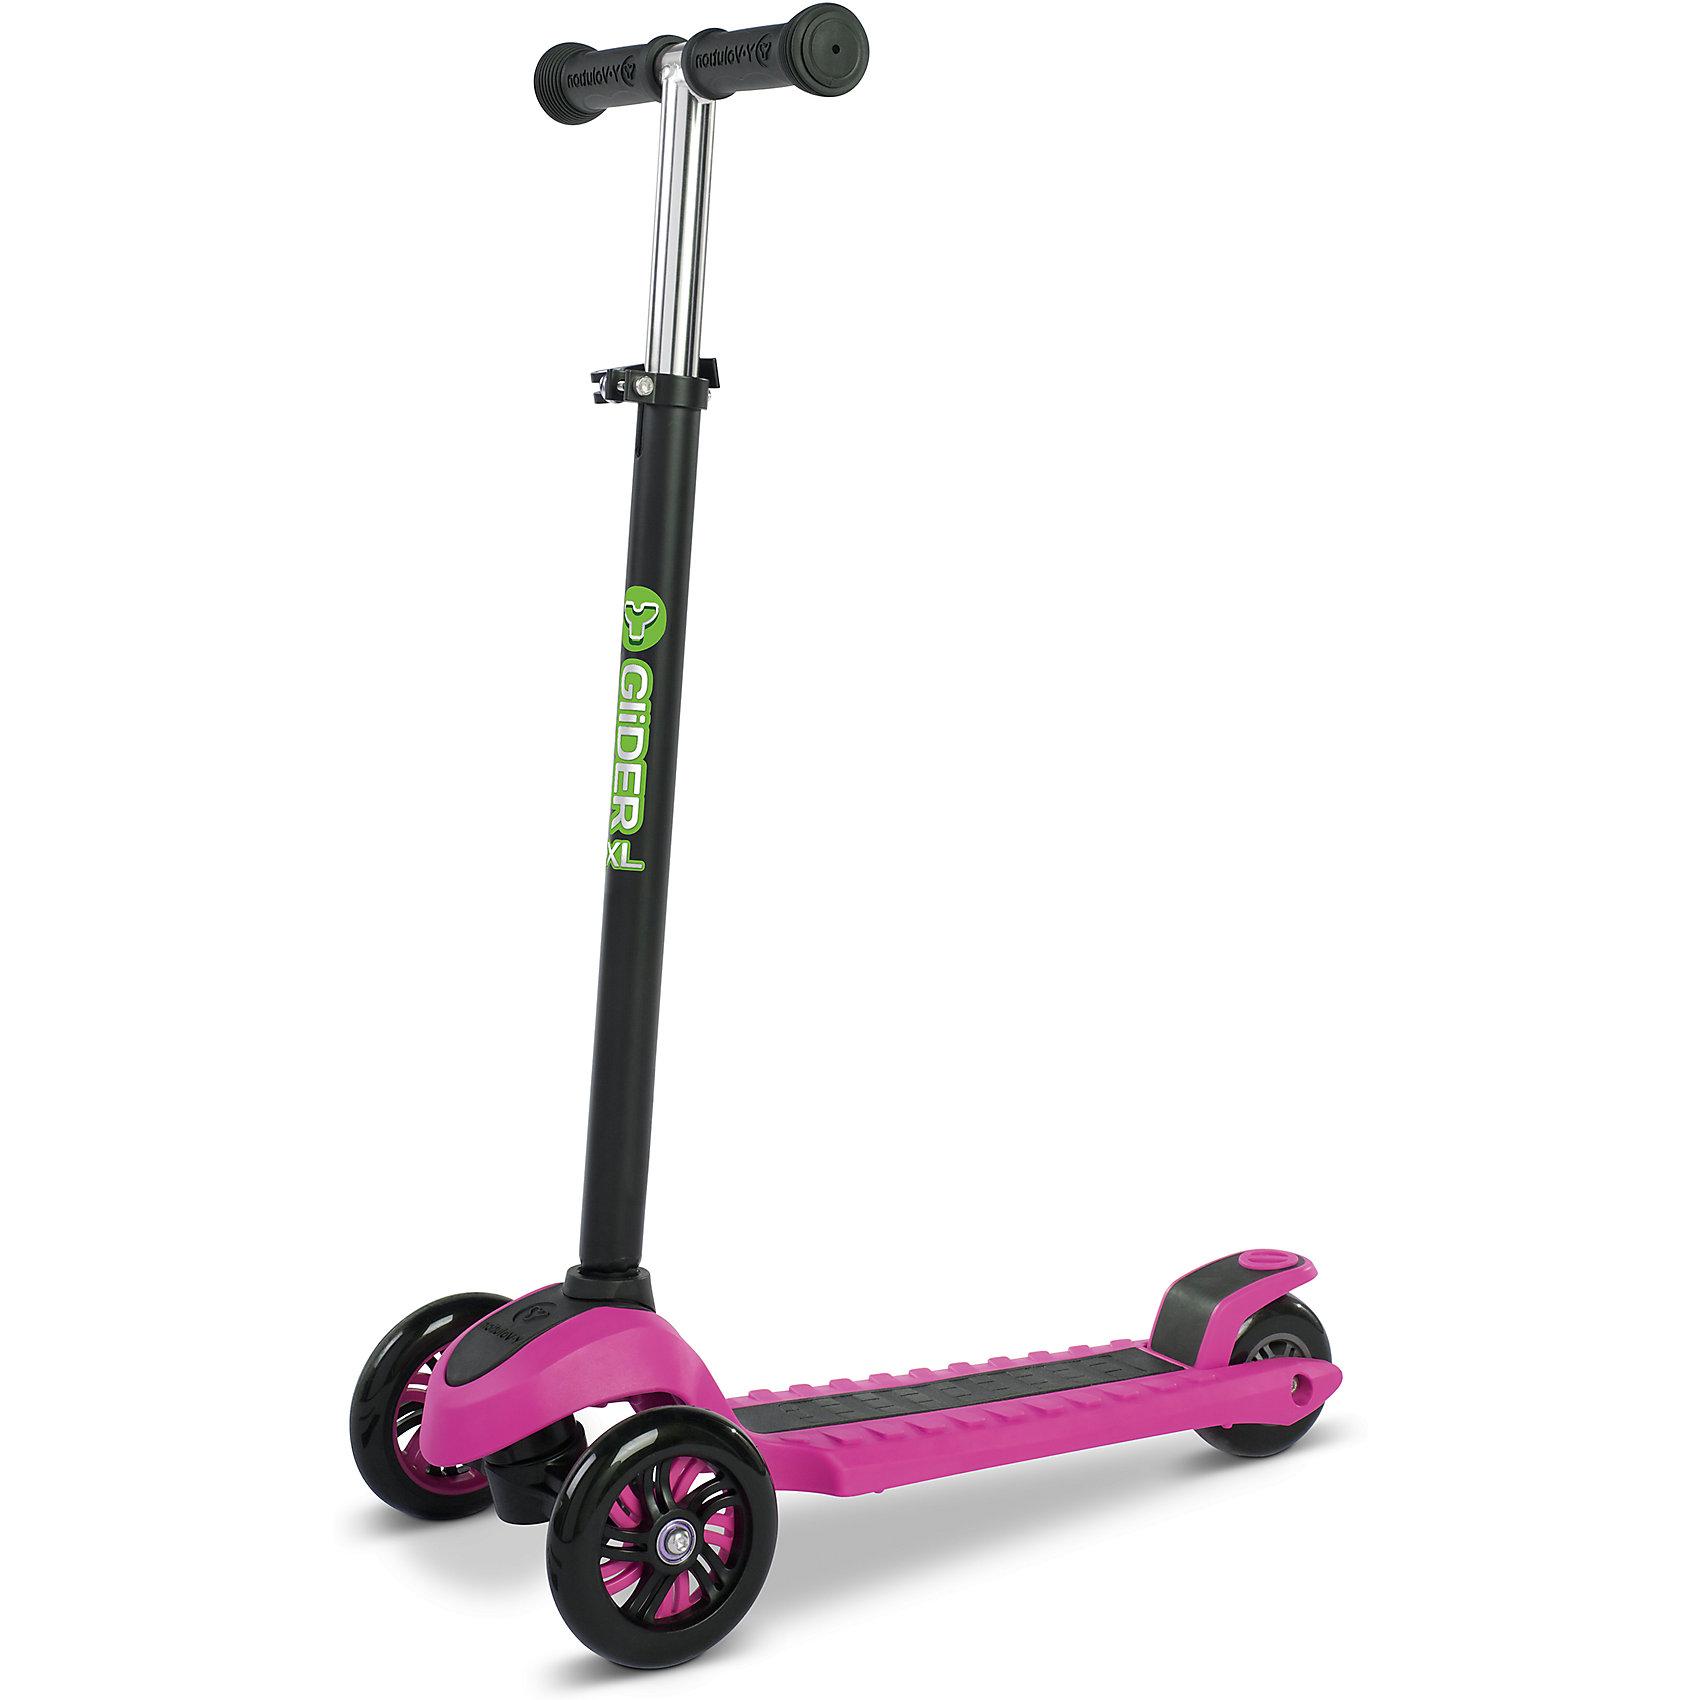 Трехколесный самокат Y-volution Glider XL, розовыйСамокаты<br>Характеристики товара:<br><br>• возраст: от 5 лет;<br>• максимальная нагрузка: 50 кг;<br>• материал: металл, пластик;<br>• материал колес: полиуретан;<br>• регулируемая высота руля;<br>• ножной тормоз;<br>• вес самоката: 2,6 кг;<br>• размер упаковки: 60х41х65 см;<br>• вес упаковки: 2,6 кг;<br>• страна производитель: Китай.<br><br>Трехколесный самокат Glider XL Yvolution розовый научит ребенка координировать движения и держать равновесие. Самокат оснащен удобным и простым в управлении рулевым механизмом, понятным даже начинающим райдерам. Для поворота рулевая стойка наклоняется в нужную сторону, что позволяет легко держать равновесие даже при повороте.<br><br>Колеса изготовлены из долговечного износостойкого полиуретана, который обеспечивает плавную и ровную езду. 2 передних колеса придают самокату хорошей устойчивости. Дека имеет рифленую поверхность для безопасной езды и хорошей устойчивости на ее поверхности. Ножной тормоз гарантирует быстрое торможение перед препятствием.<br><br>Руль регулируется по высоте, что позволит адаптировать его под растущего ребенка. Ручки руля покрыты прорезиненными накладками, предотвращающими соскальзывание ладоней во время катания. Рулевую стойку можно убрать для более удобного хранения дома или перевозки.<br><br>Трехколесный самокат Glider XL Yvolution розовый можно приобрести в нашем интернет-магазине.<br><br>Ширина мм: 600<br>Глубина мм: 410<br>Высота мм: 650<br>Вес г: 2600<br>Возраст от месяцев: 60<br>Возраст до месяцев: 2147483647<br>Пол: Женский<br>Возраст: Детский<br>SKU: 6679955